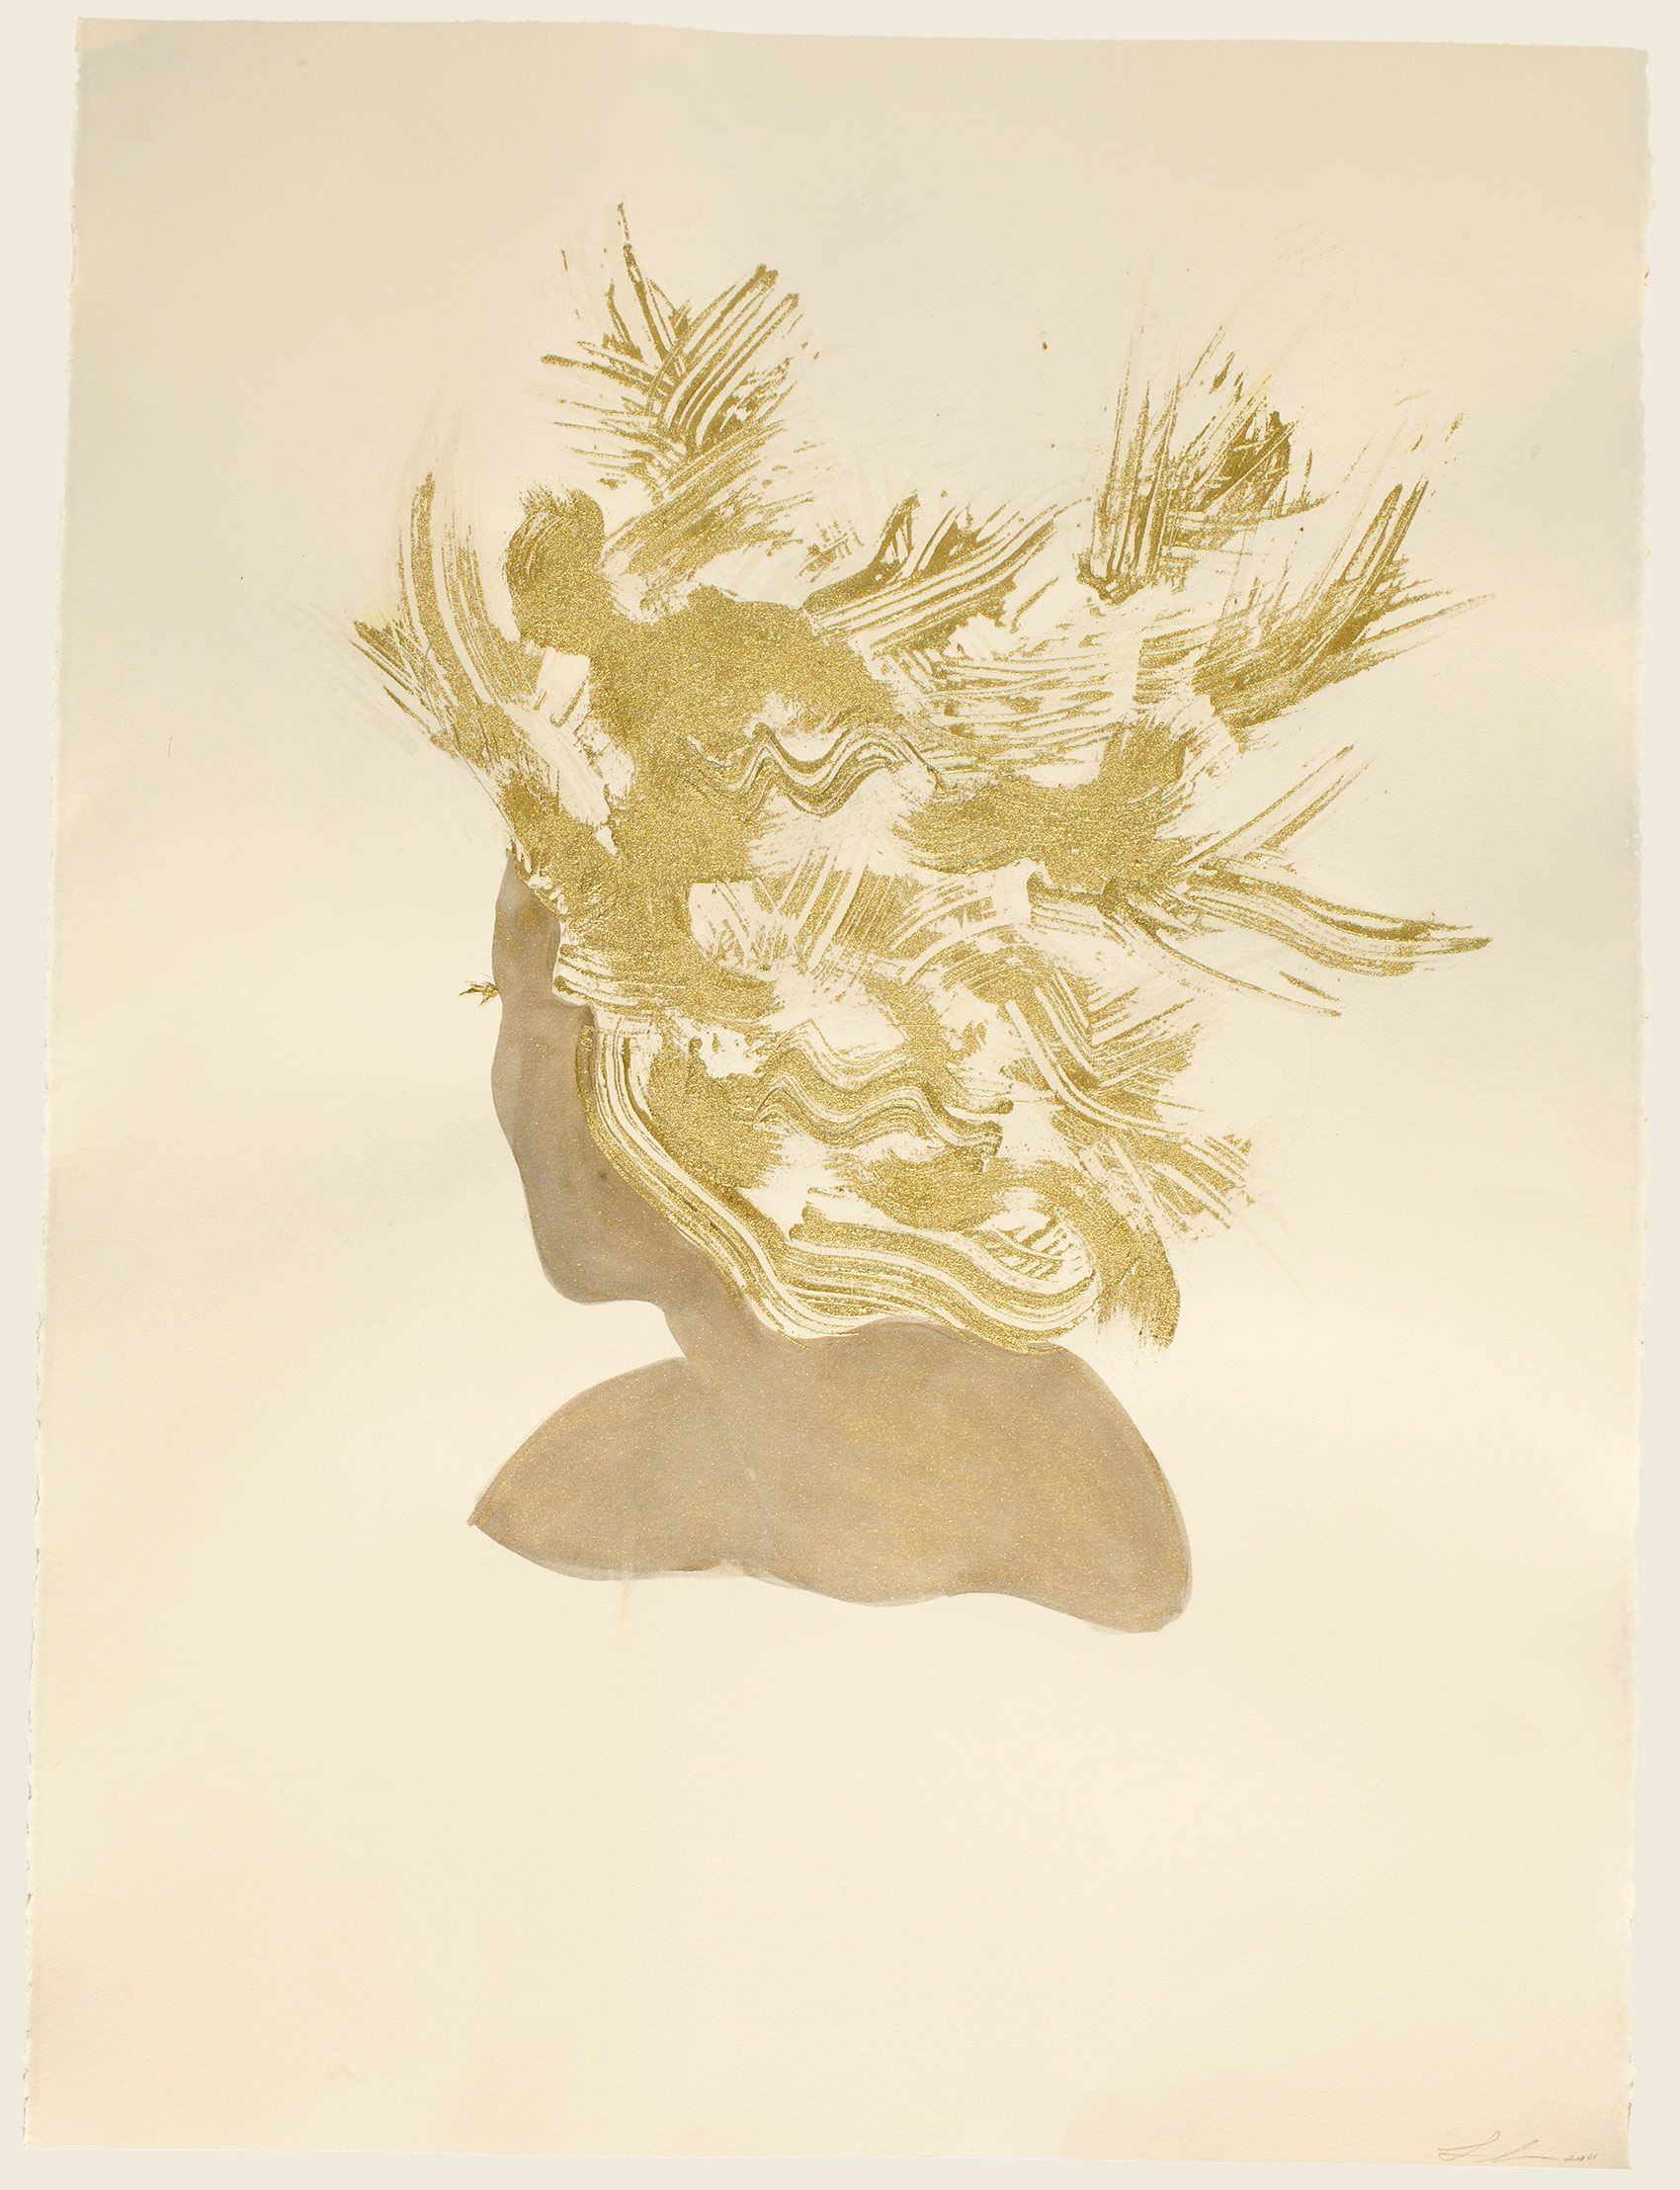 Gold Head A2, 2011